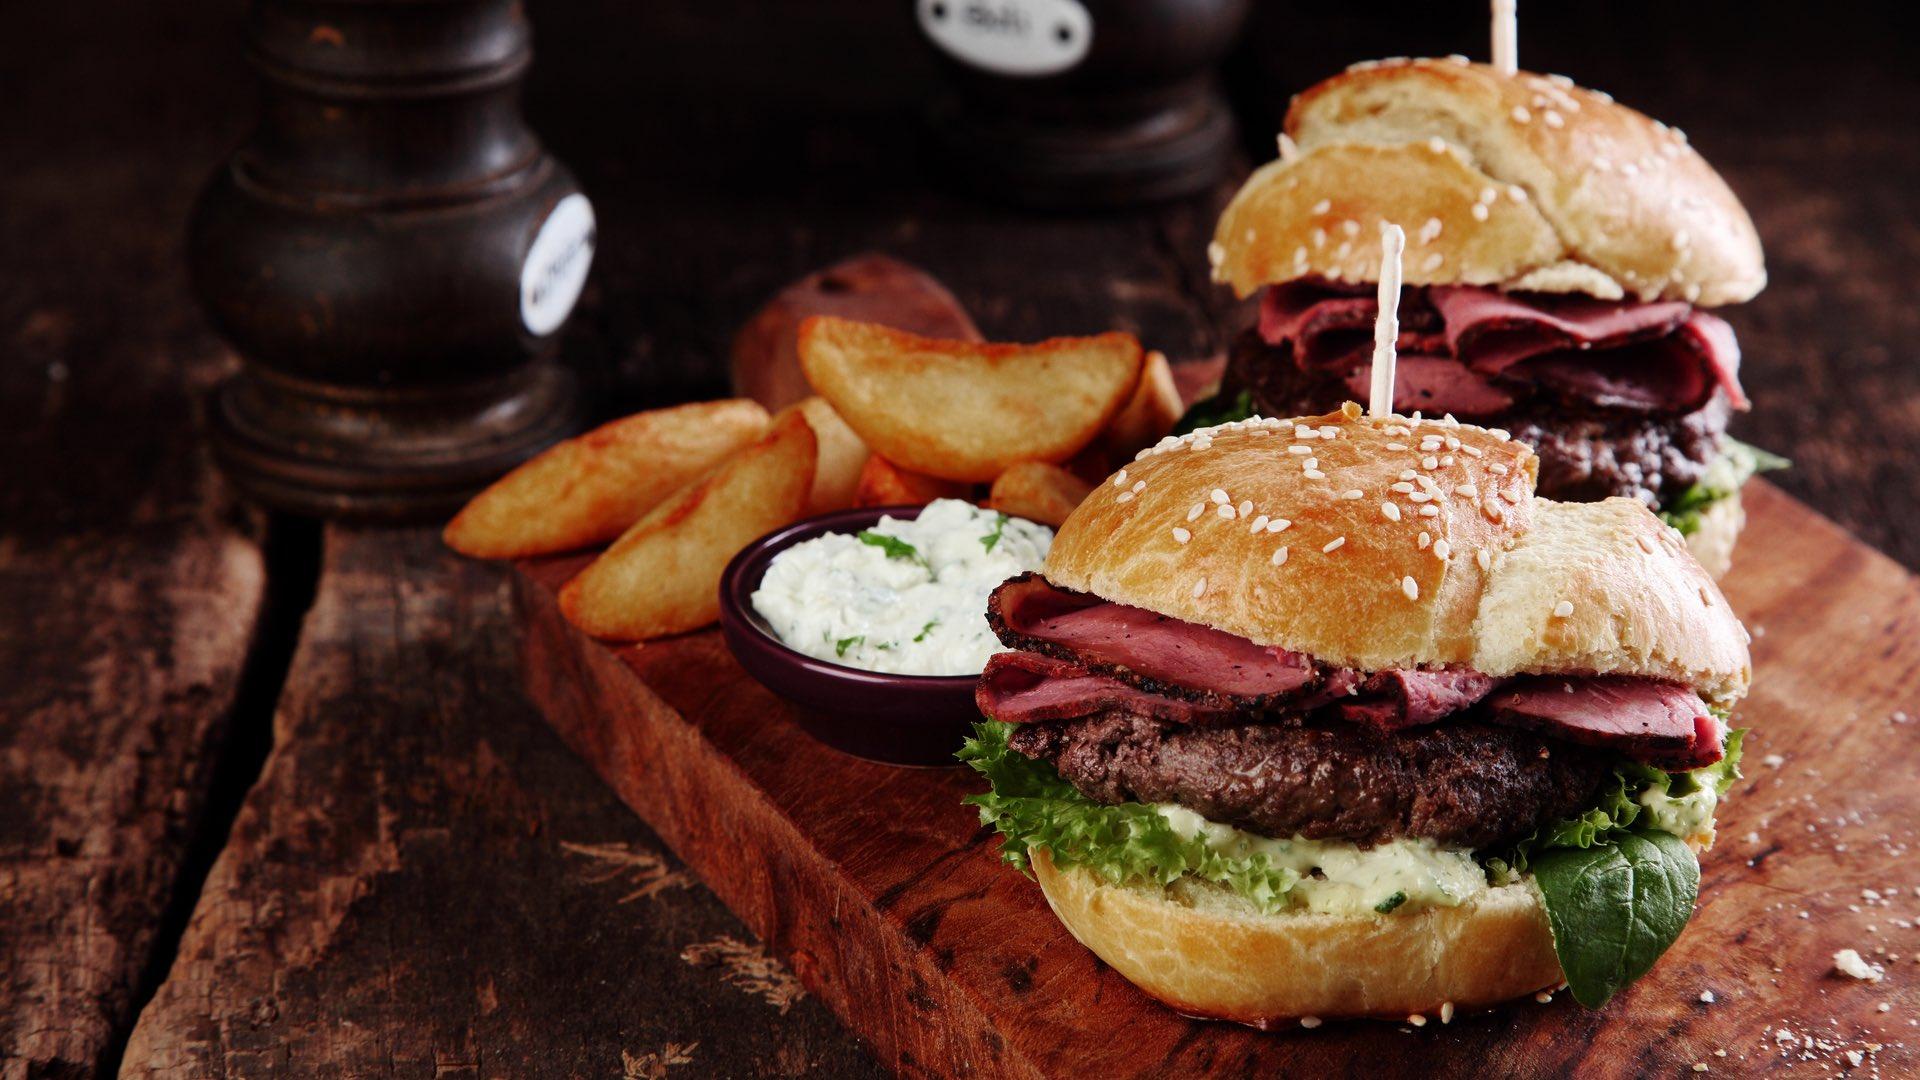 Leckerer Burger  | ©stockcreations/Shutterstock.com